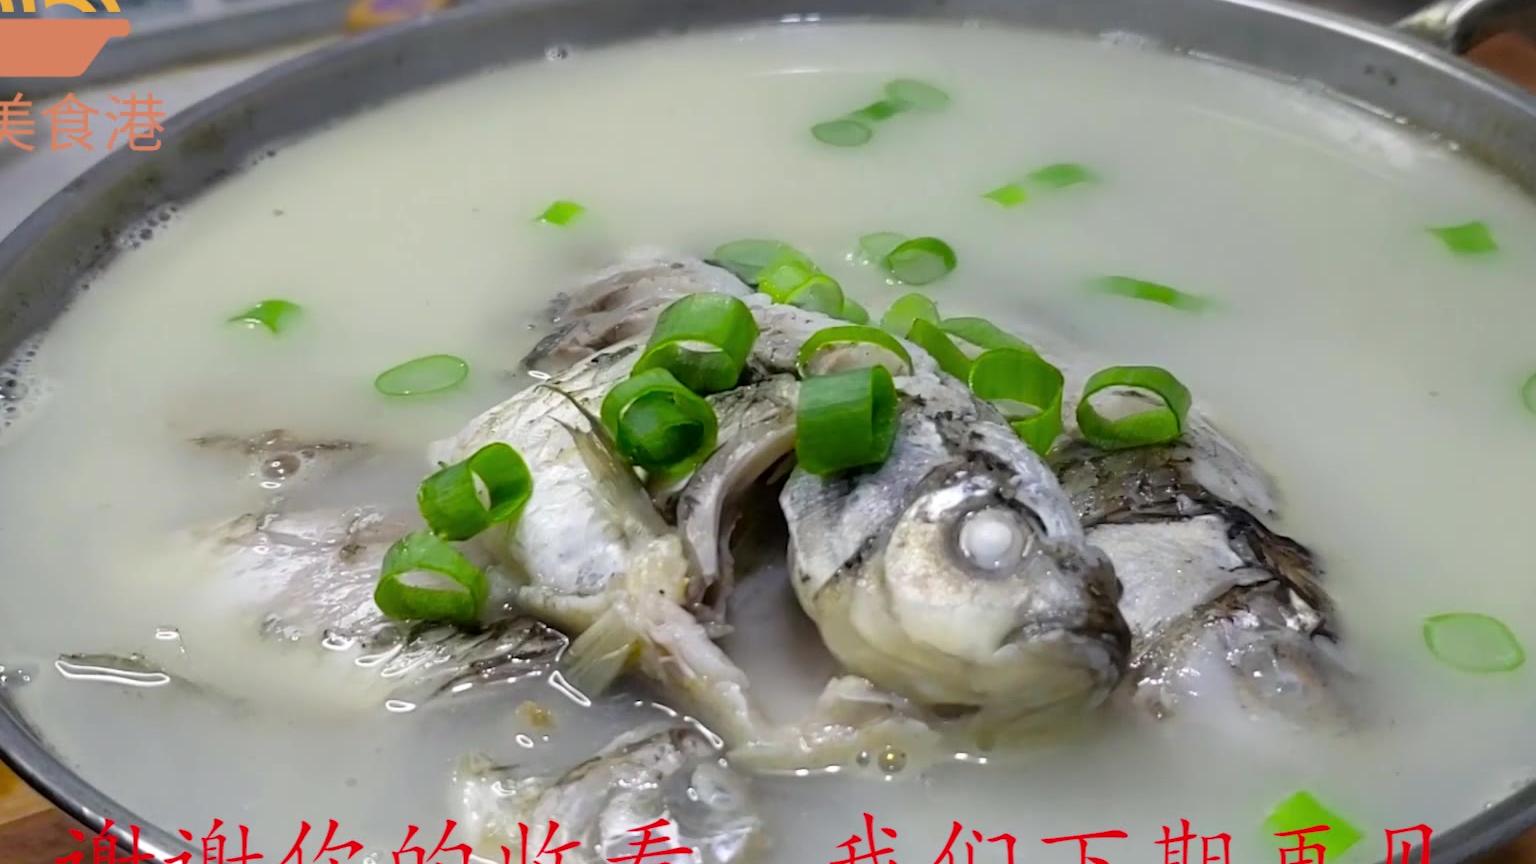 教你做饭店里正宗鲫鱼汤,保证做出来的汤又白又浓!